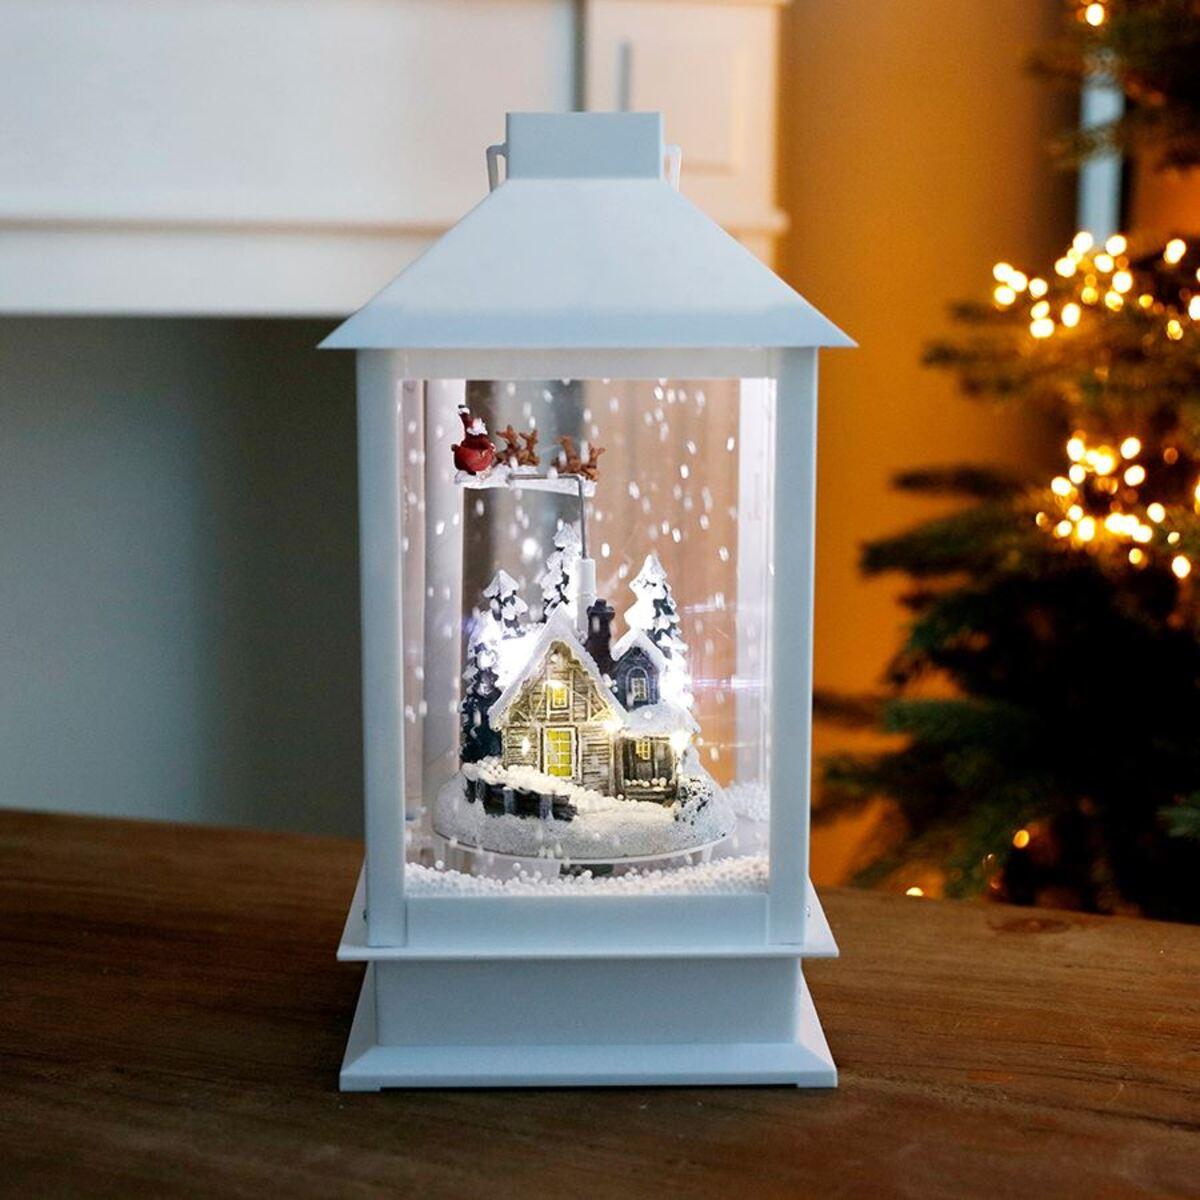 Bild 2 von LED-Weihnachtslaterne Schneegestöber 37cm Weiß